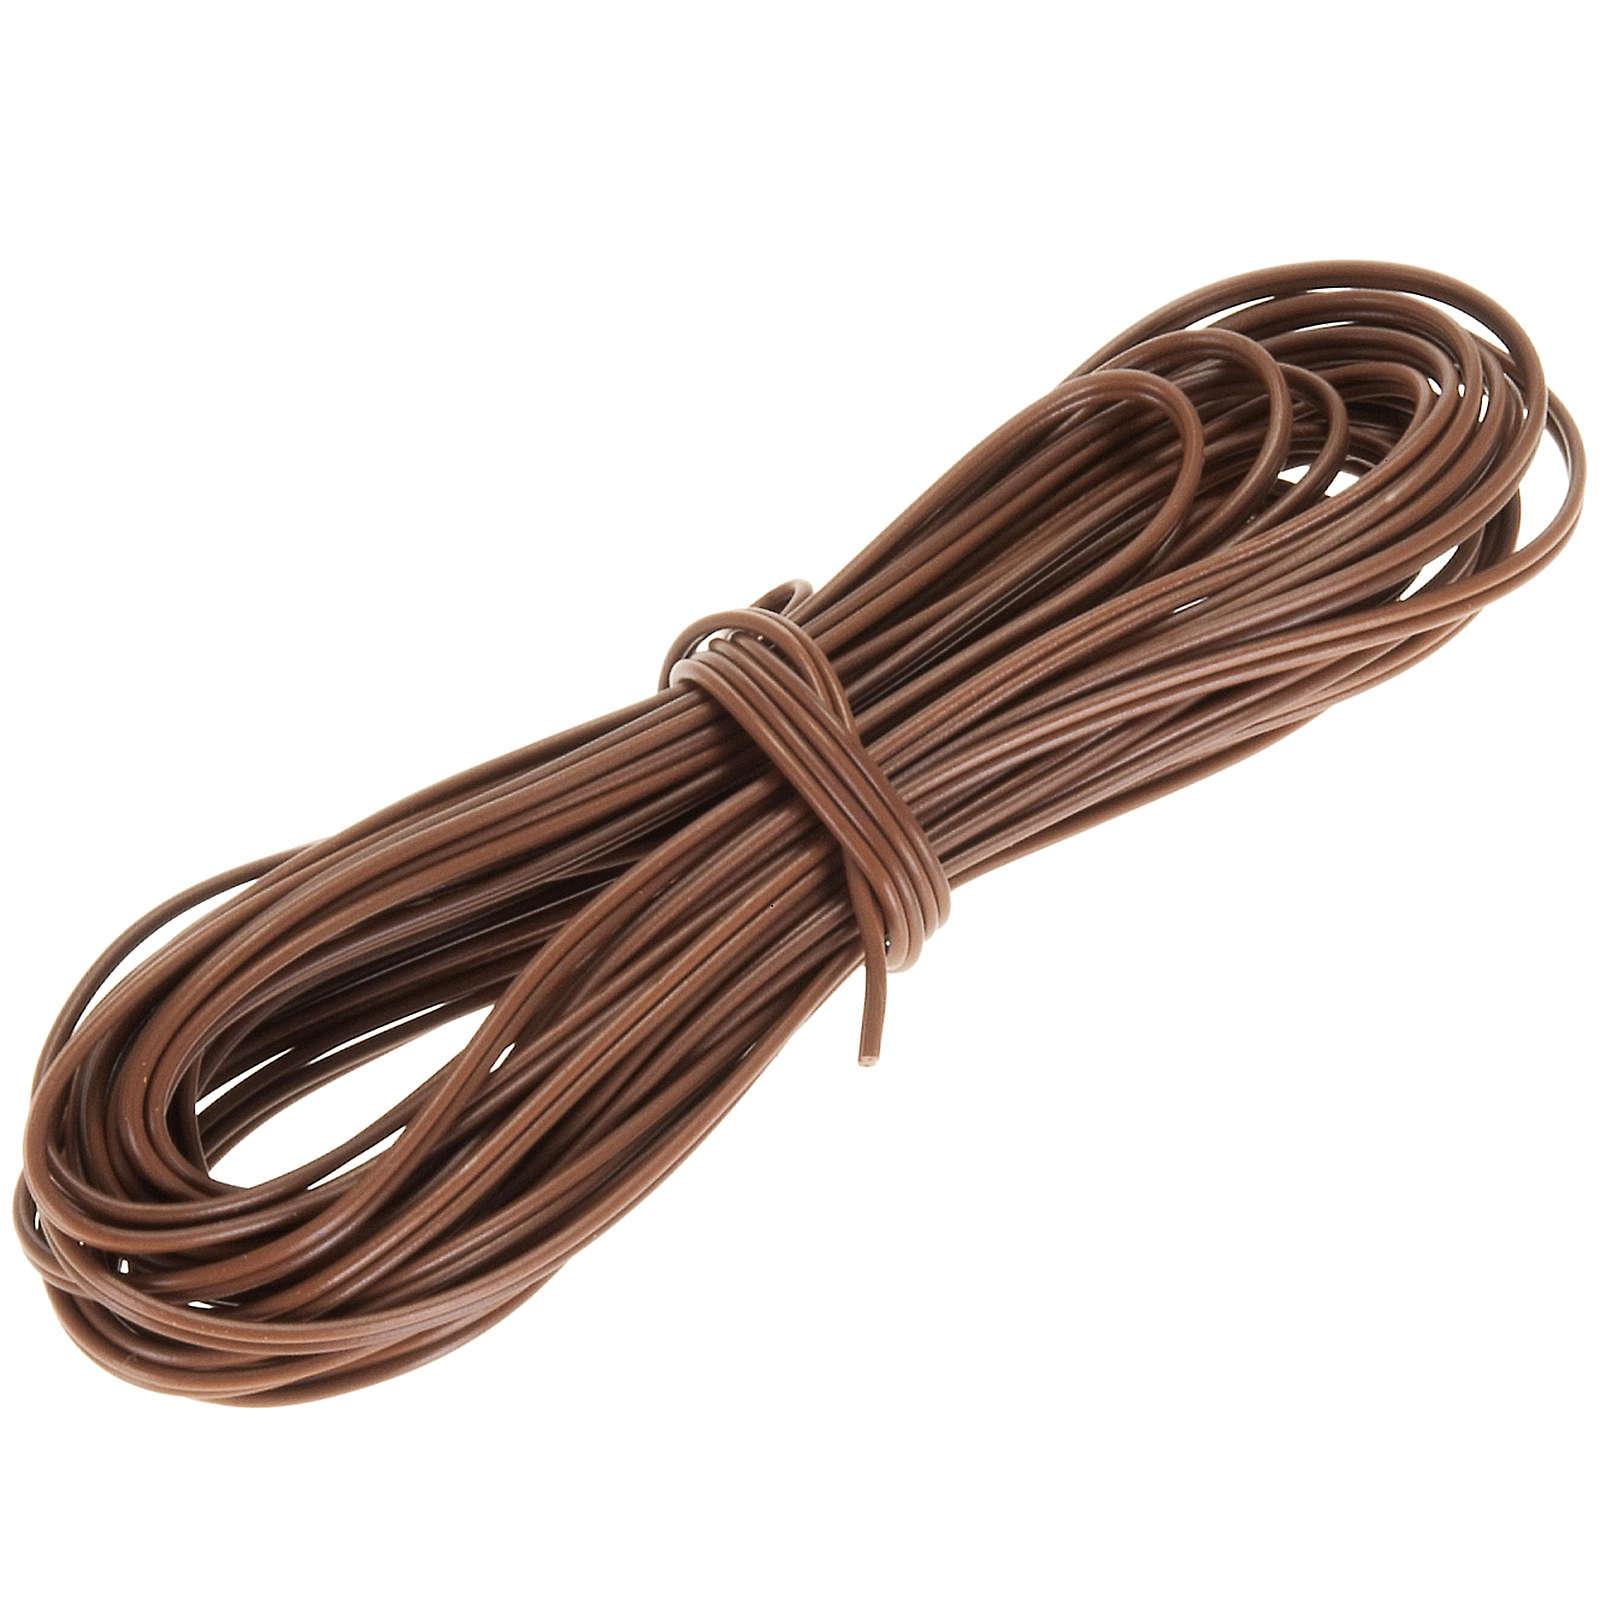 Kabel elektryczny brąz 5 m 4